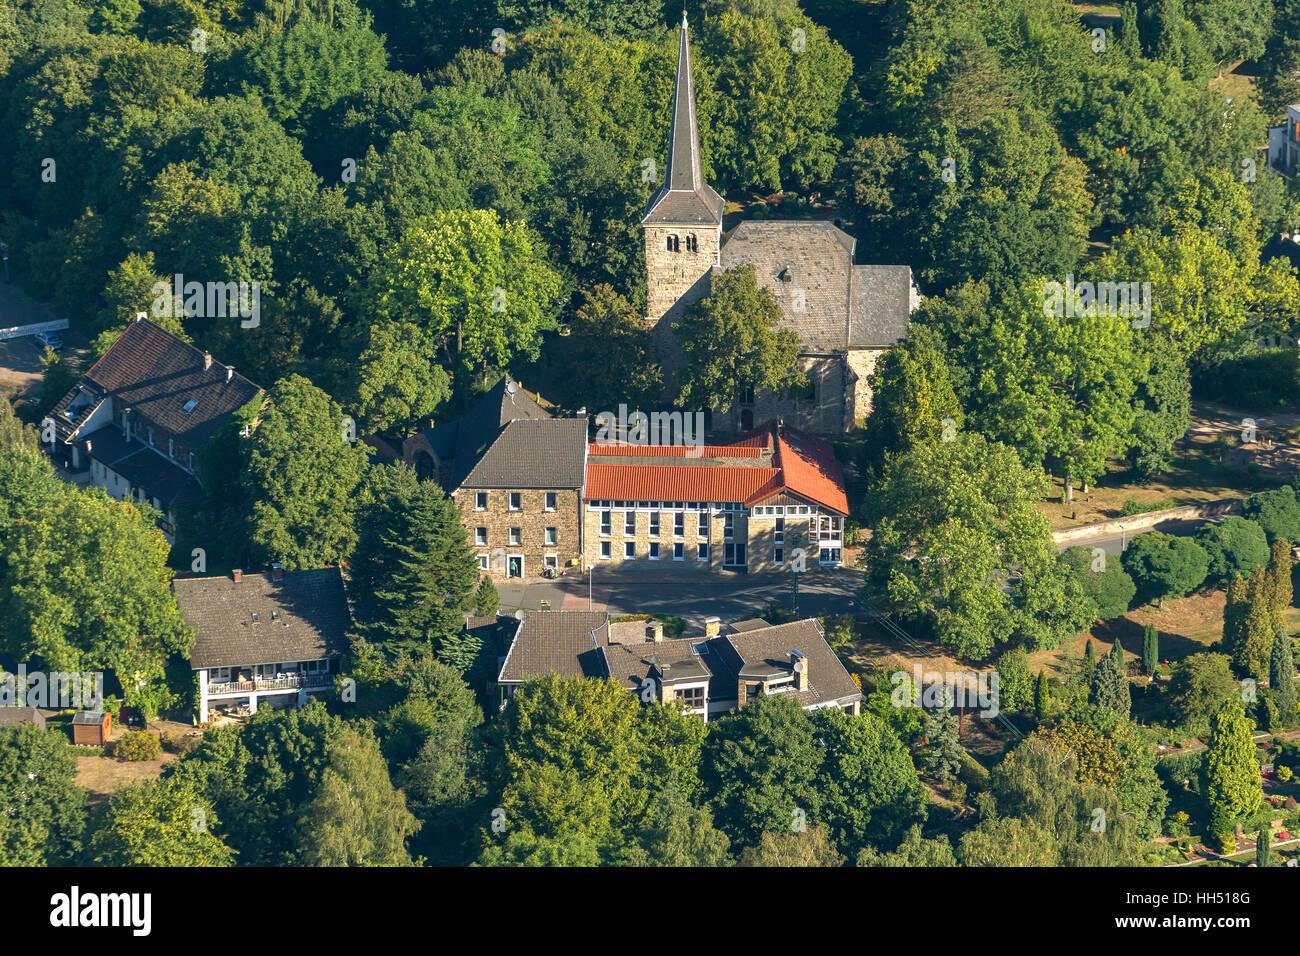 La iglesia del pueblo Stiepeler, 1000 años, Bochum, área de Ruhr, Alemania, Europa, pájaro-ojos vista, fotografía aérea, fotografía aérea Foto de stock